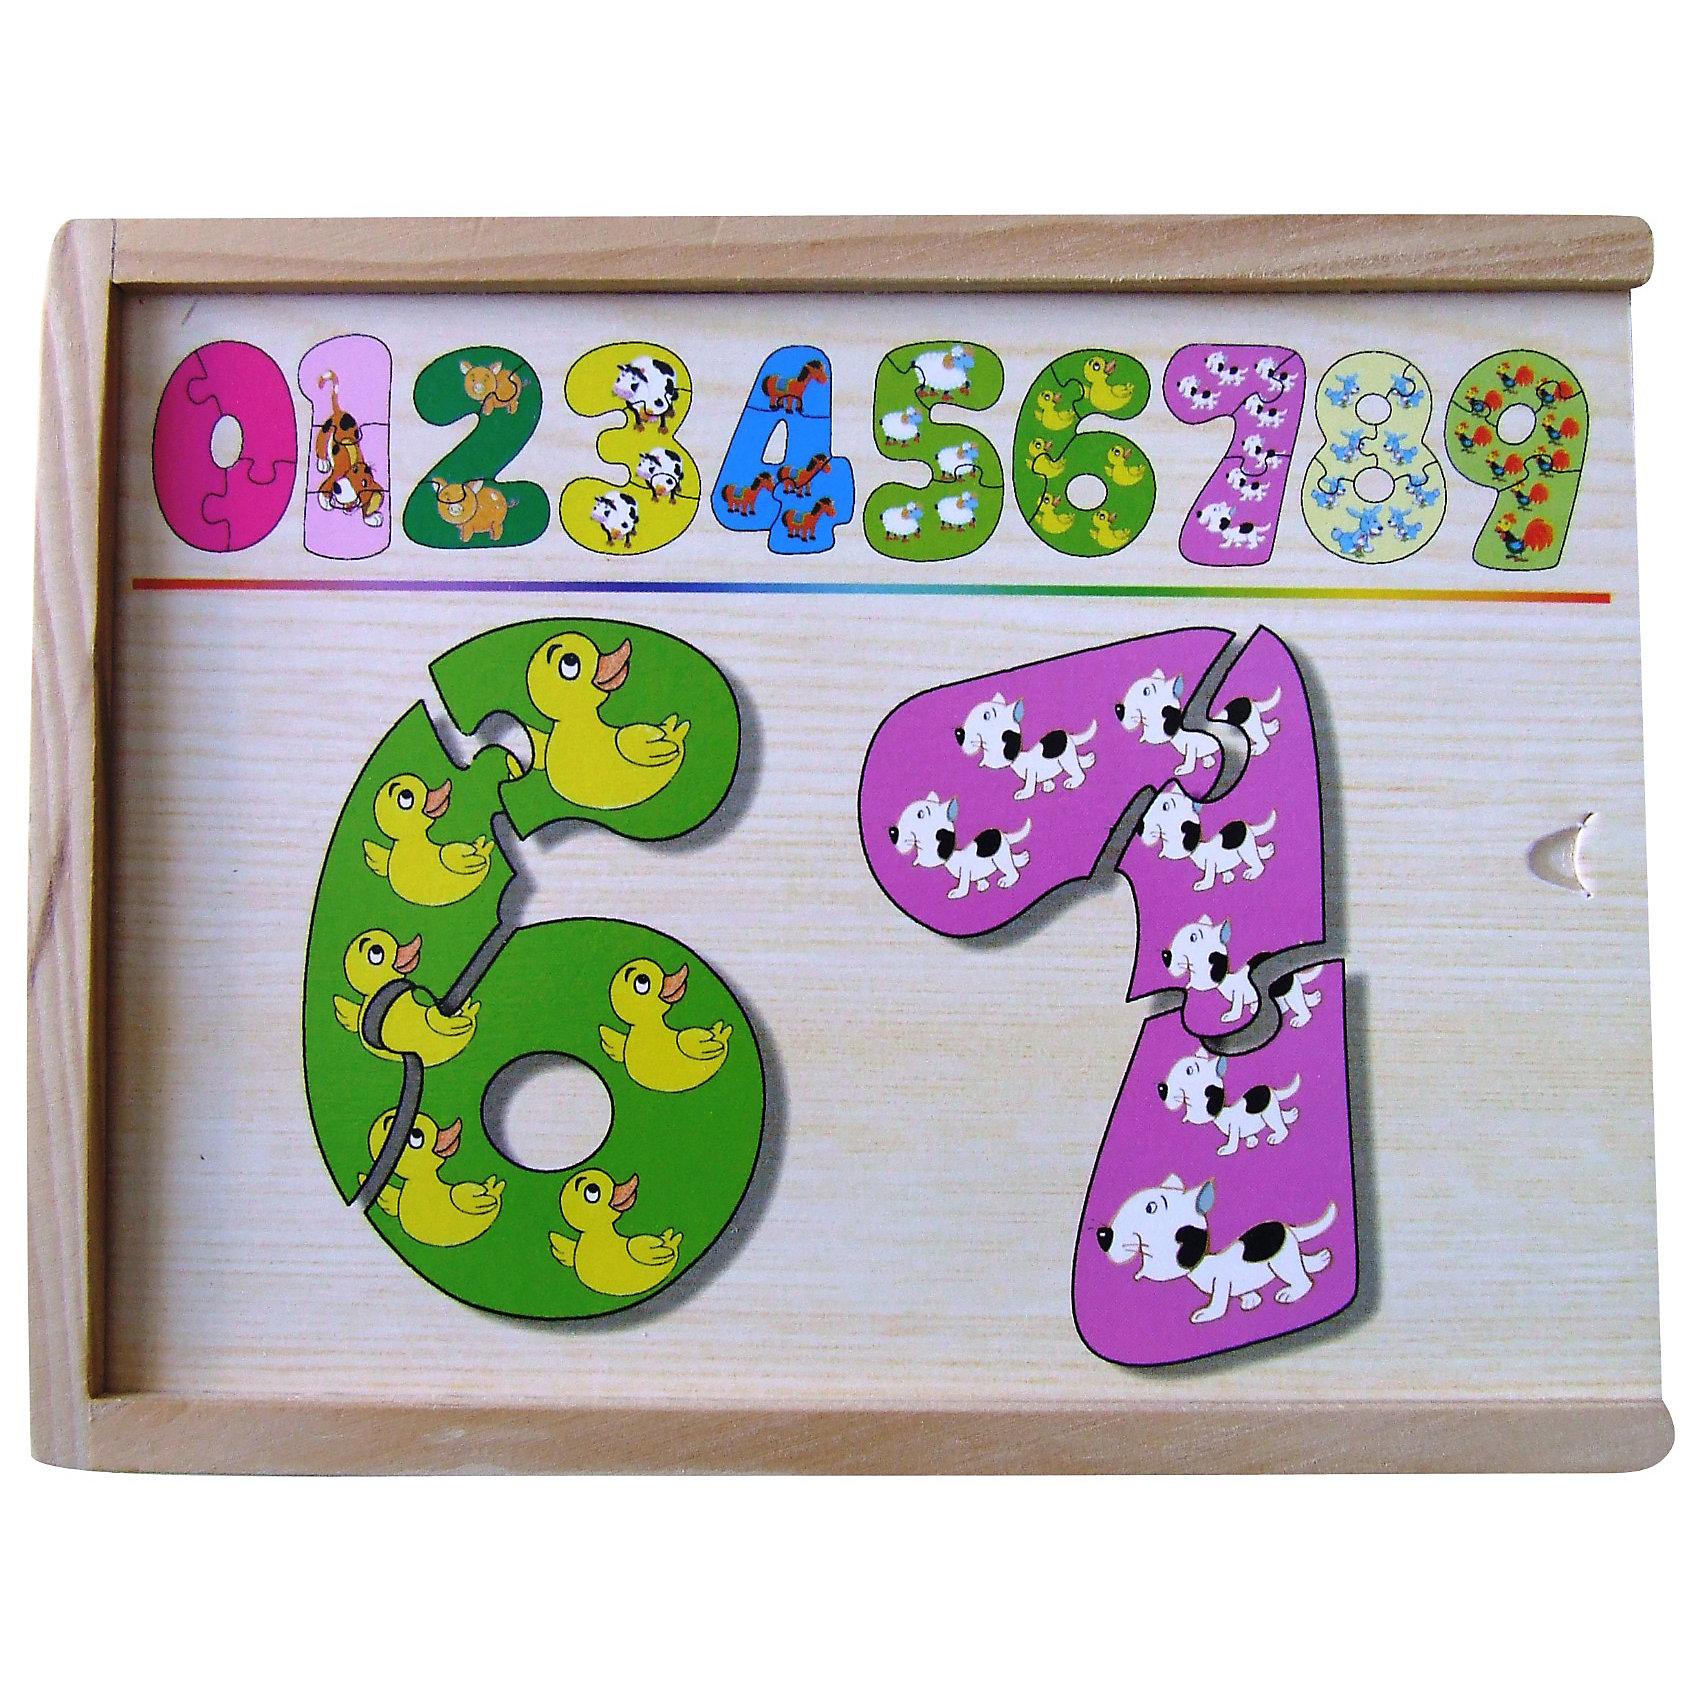 Набор цифры-пазлы (1-9 маленькие), в ассортиментеДеревянные пазлы<br>Набор цифры-пазлы от 1 до 9(маленькие), поможет ребенку выучить цифры, научит составлять целое из  частей.<br><br><br>Дополнительная информация:<br><br>В наборе 9 цифр, состоящих из 3-х частей.<br>Материал: дерево<br>Размер коробки: 19 х 14 х 4 см<br><br>ВНИМАНИЕ! Данный артикул представлен в разных вариантах исполнения. К сожалению, заранее выбрать определенный вариант невозможно. При заказе нескольких наборов возможно получение одинаковых.<br><br>Набор цифры-пазлы (1-9 маленькие), в ассортименте можно купить в нашем магазине.<br><br>Ширина мм: 190<br>Глубина мм: 140<br>Высота мм: 40<br>Вес г: 800<br>Возраст от месяцев: 36<br>Возраст до месяцев: 60<br>Пол: Унисекс<br>Возраст: Детский<br>SKU: 3196652